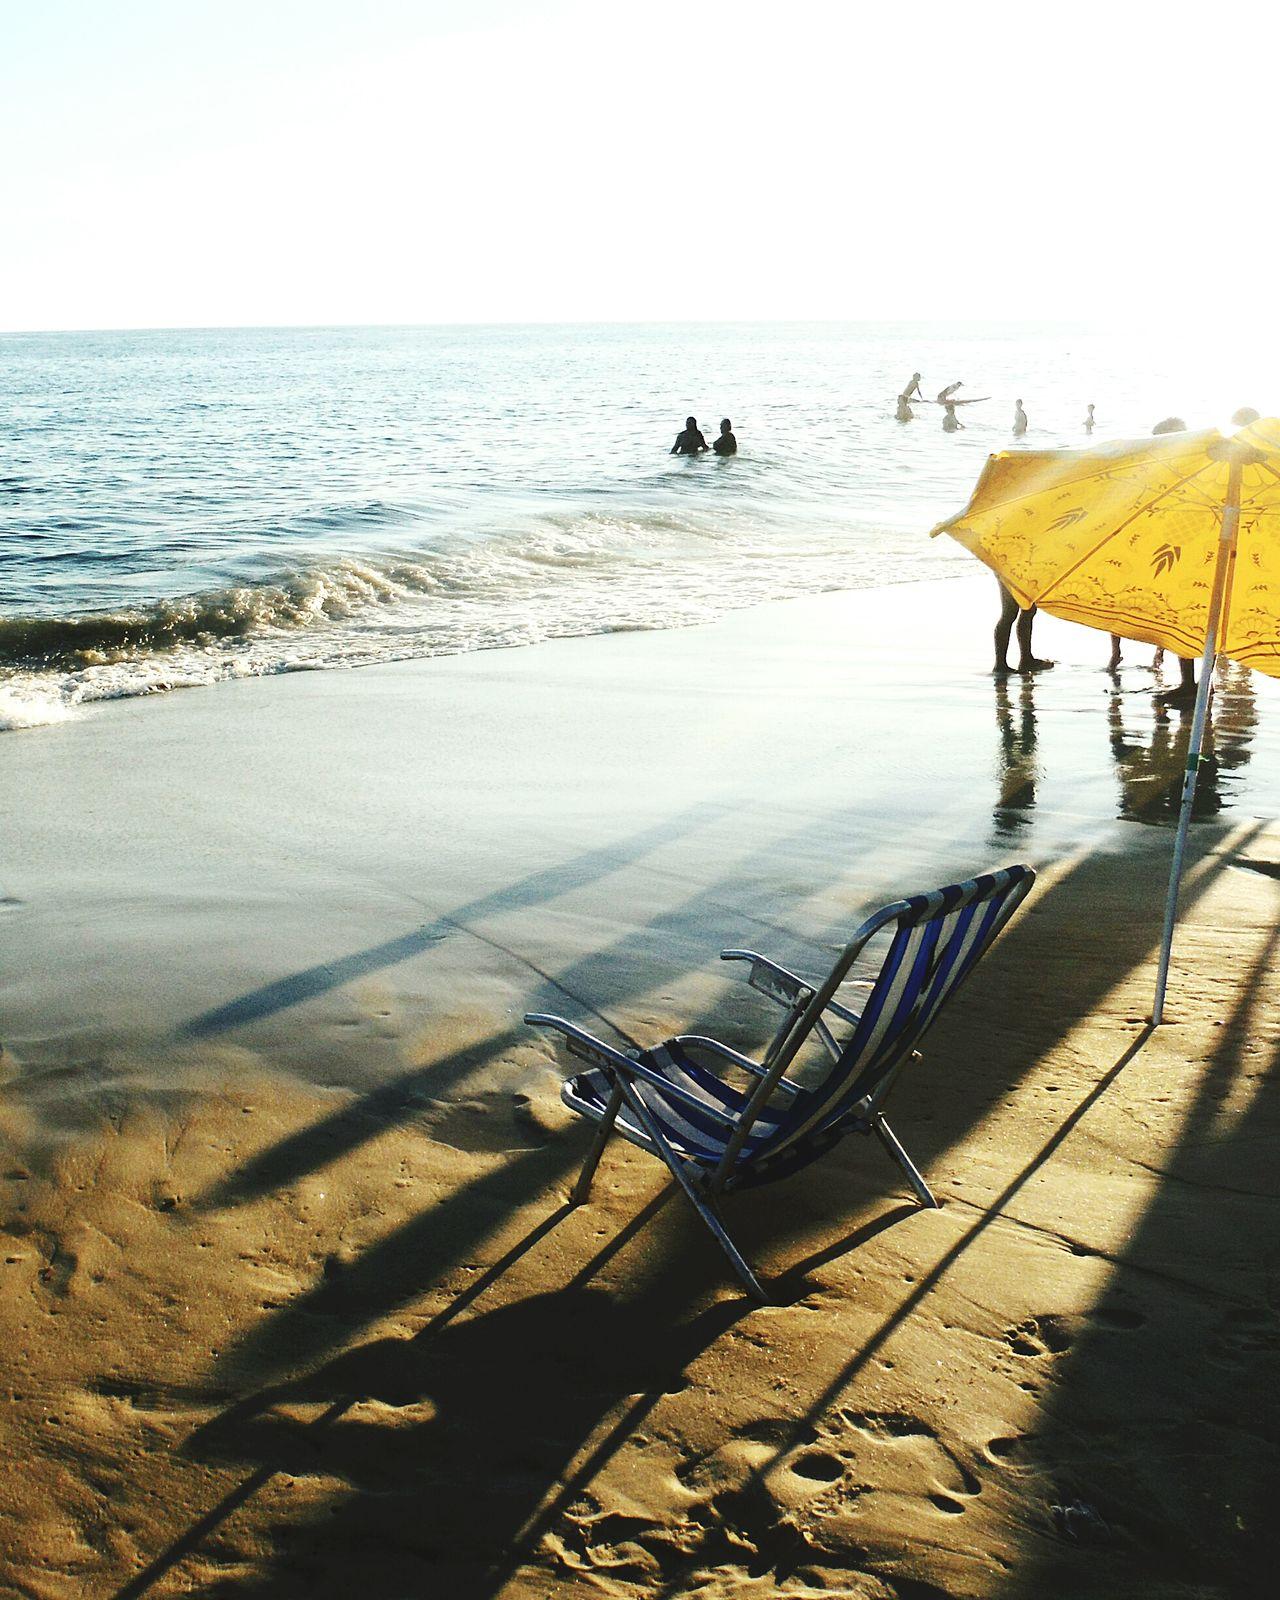 Ocean Tides Tide Brasil Brazil Rio De Janeiro Eyeem Fotos Collection⛵ Rio De Janeiro Ipanema Beach Ipanema Beach Water Beach Chair People Outdoor Photography